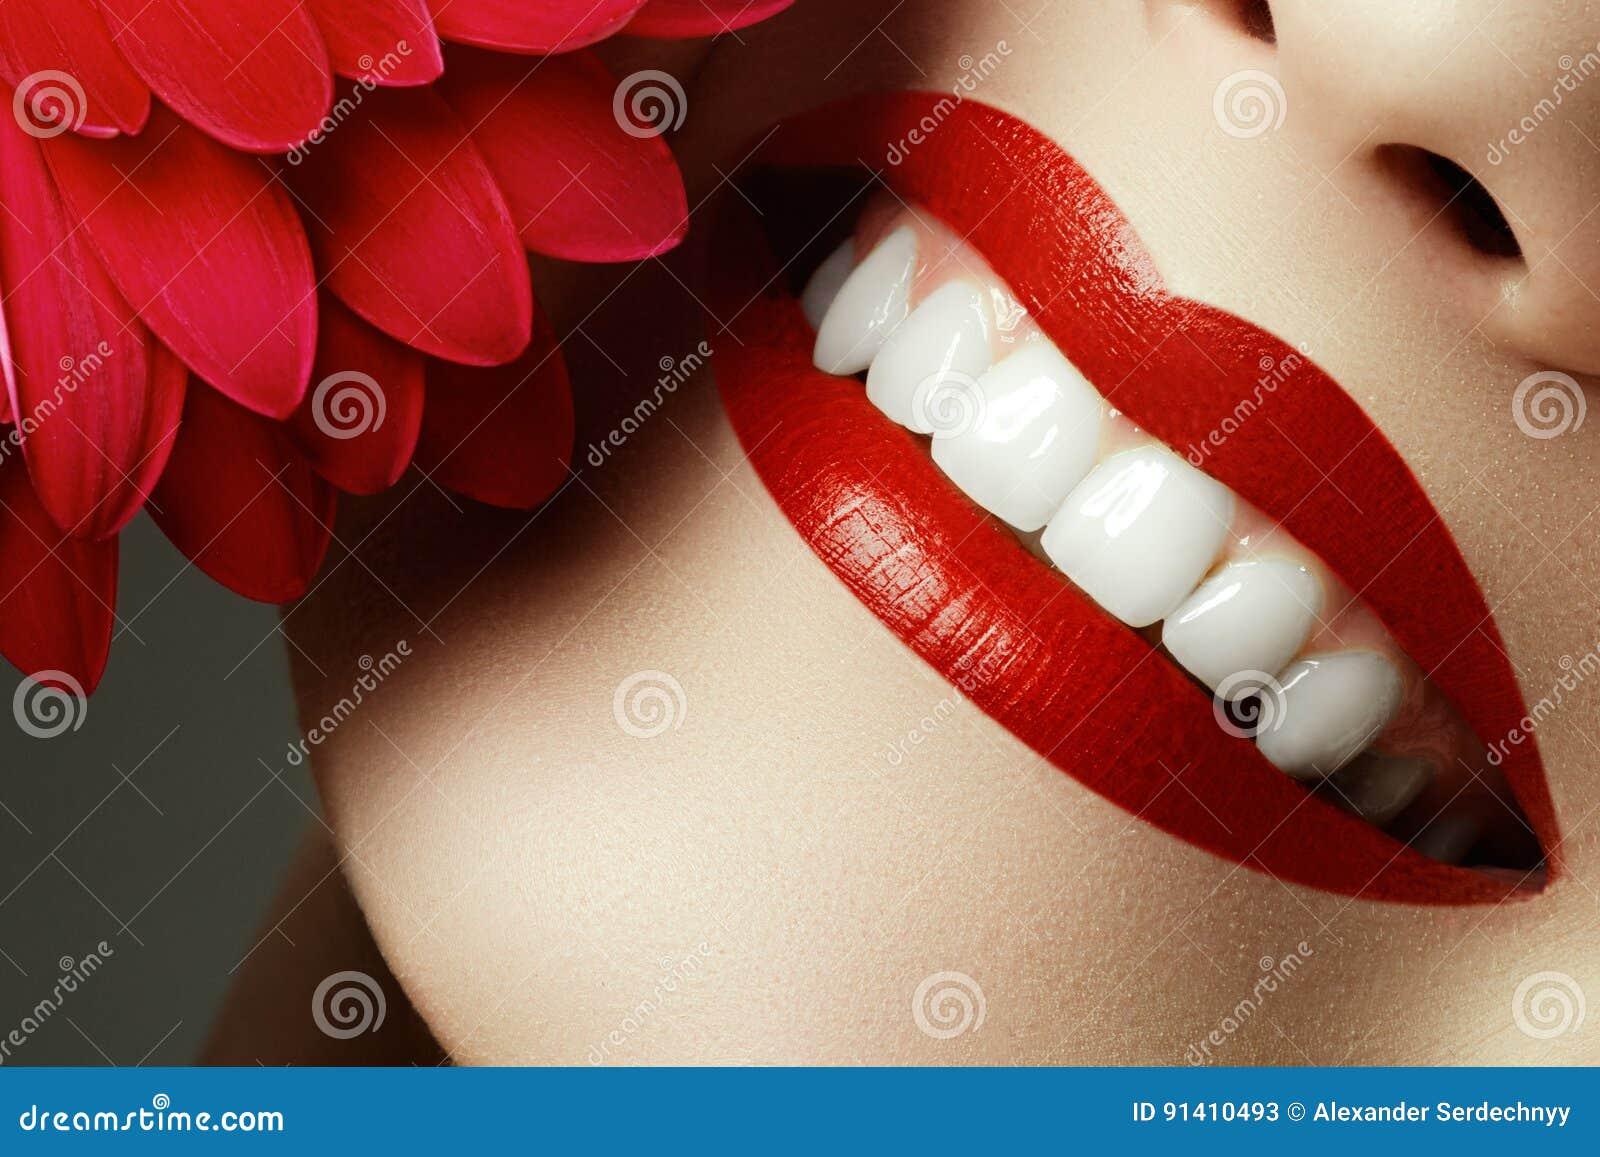 Tir Femme Des Rouge De Sexy À Le Plan Lèvres En Gros Avec 5Lq4ARjc3S